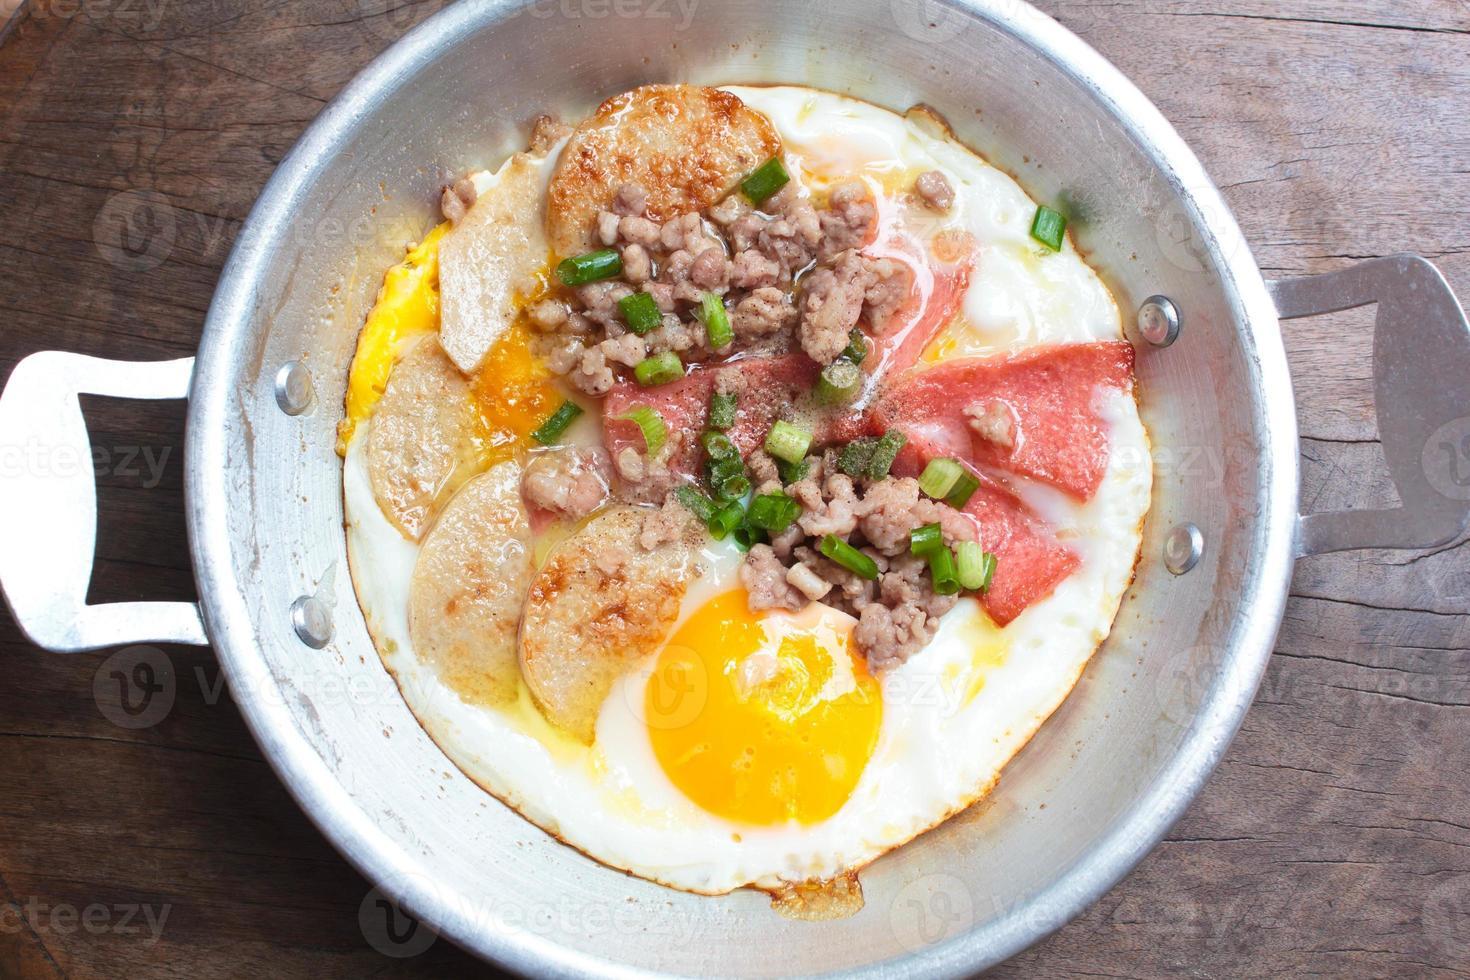 Eierpfanne, Frühstück. foto